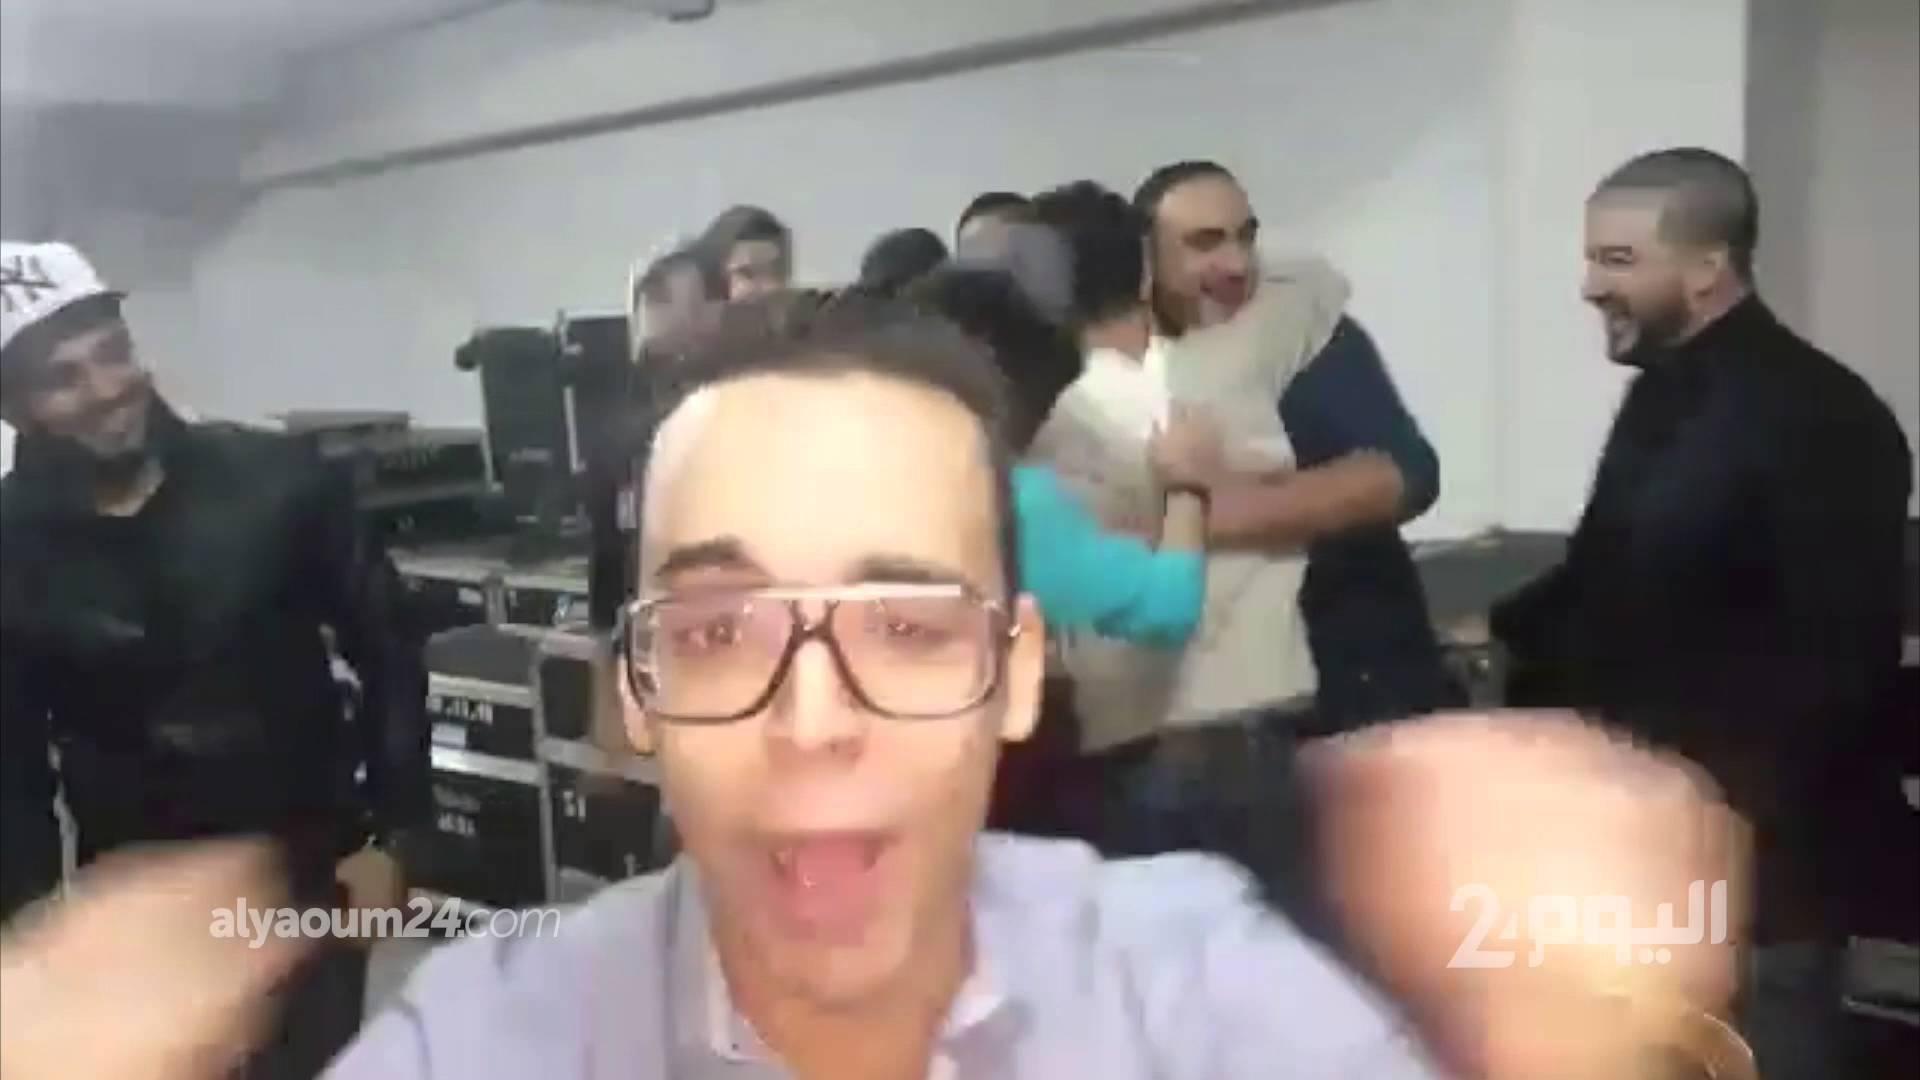 حاتم عمور وأصدقاءه يحتفلون بوصول الكليب الجديد إلى مليون مشاهدة